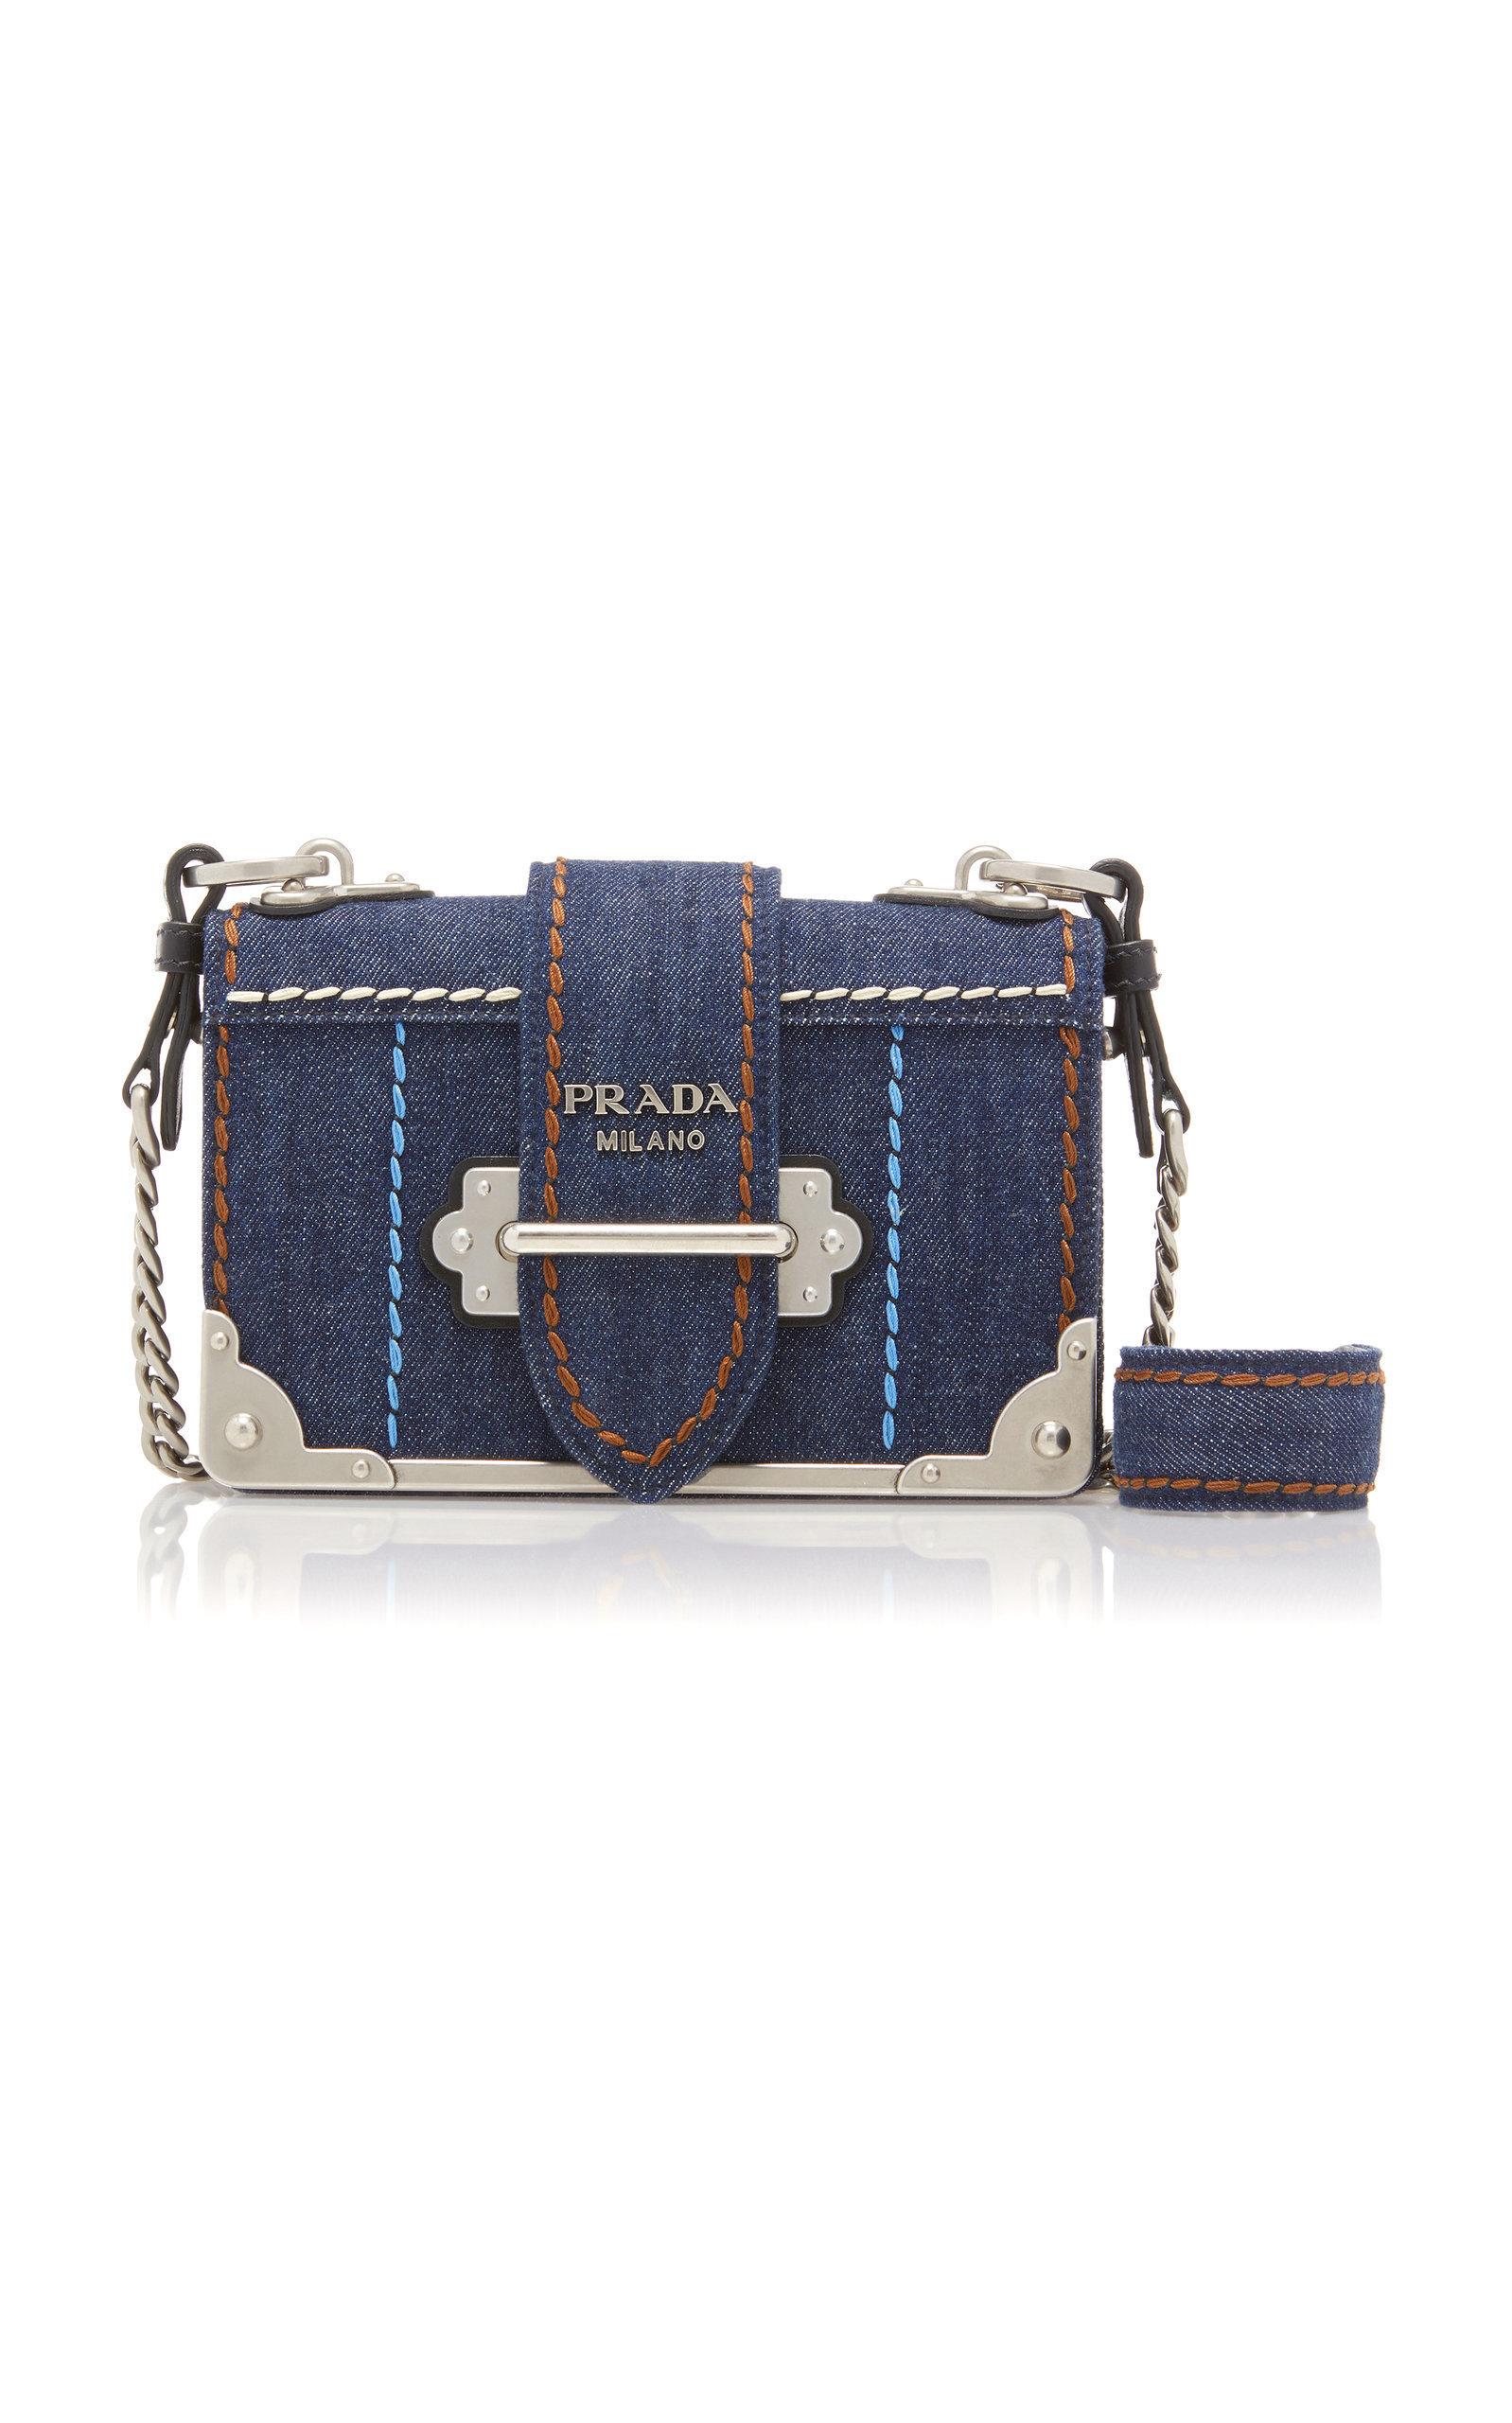 2db011079c7d Prada Cahier Leather-Trimmed Denim Shoulder Bag In Blue